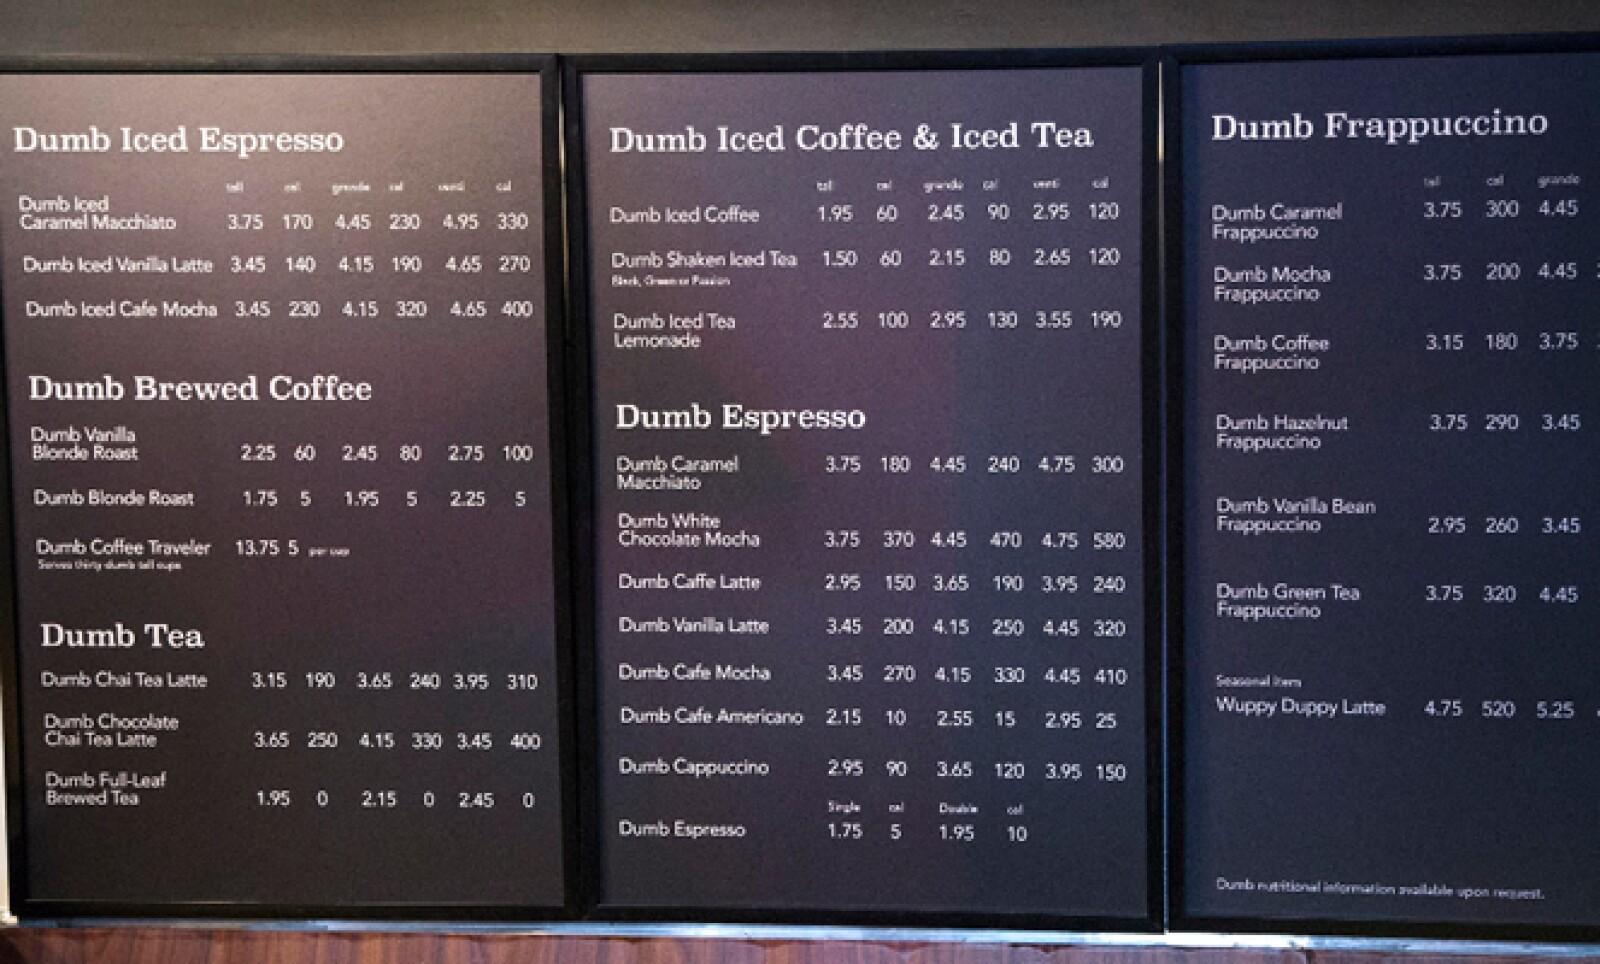 La cafetería copia el menú de Starbucks pero antepone la palabra tonto a cada producto.